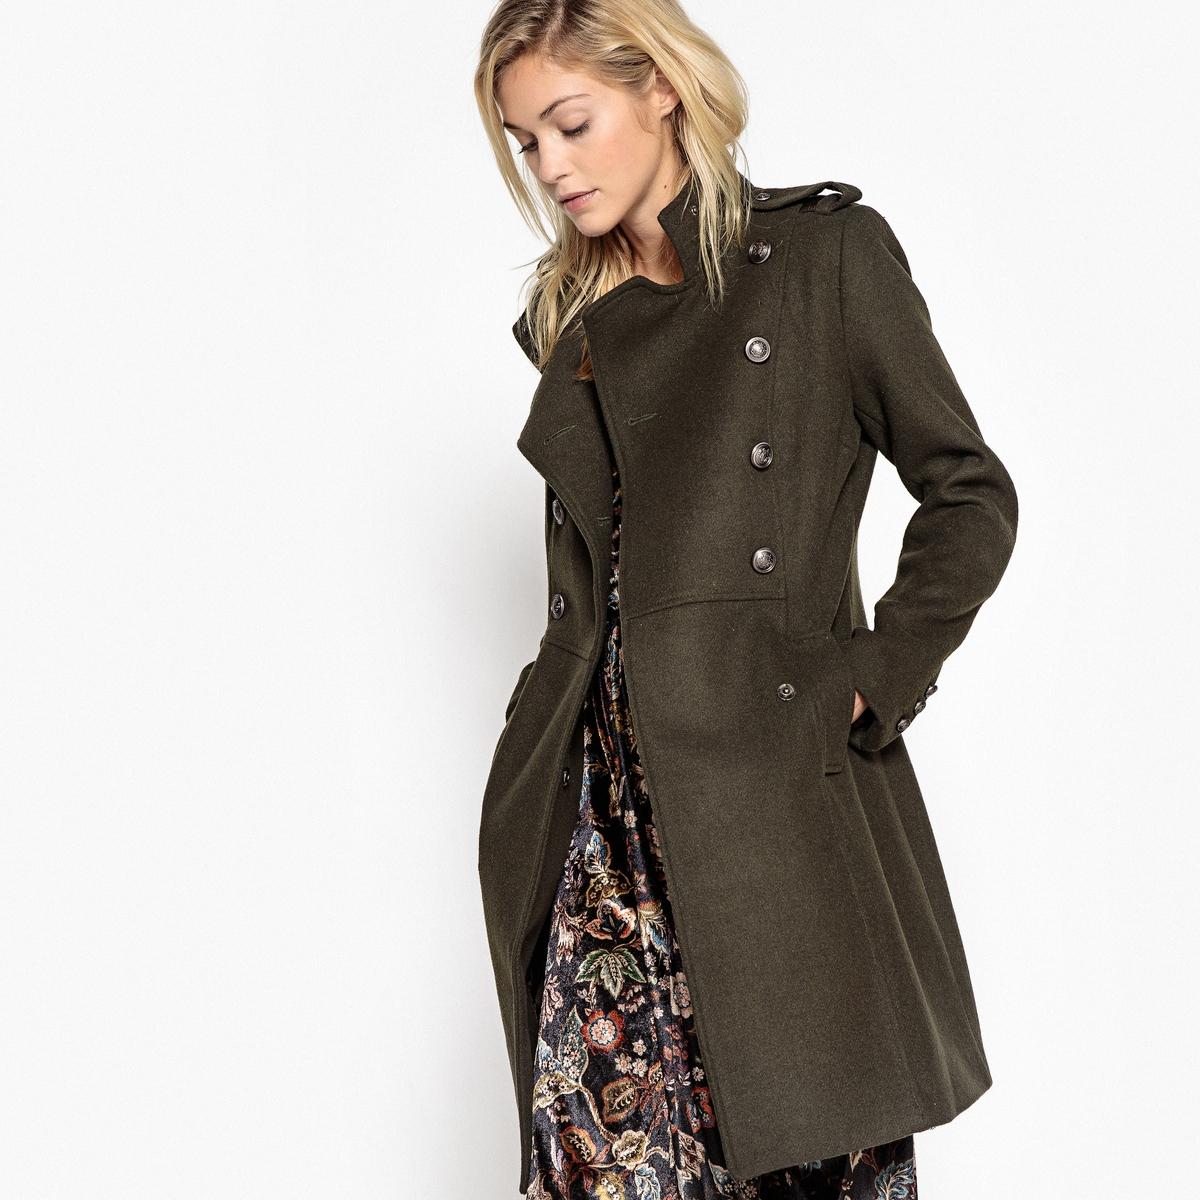 Пальто длинное в стиле милитари, 55% шерстиОписание:Структурированная форма пальто в стиле милитари для стильного внешнего вида. Длинная и прямая форма удлиняет силуэт и придает стильный внешний вид.Детали •  Длина : удлиненная модель •  Воротник-стойка • Застежка на пуговицыСостав и уход •  55% шерсти, 45% полиэстера  •  Следуйте советам по уходу, указанным на этикетке •  Длина : 91 см<br><br>Цвет: хаки<br>Размер: 34 (FR) - 40 (RUS)